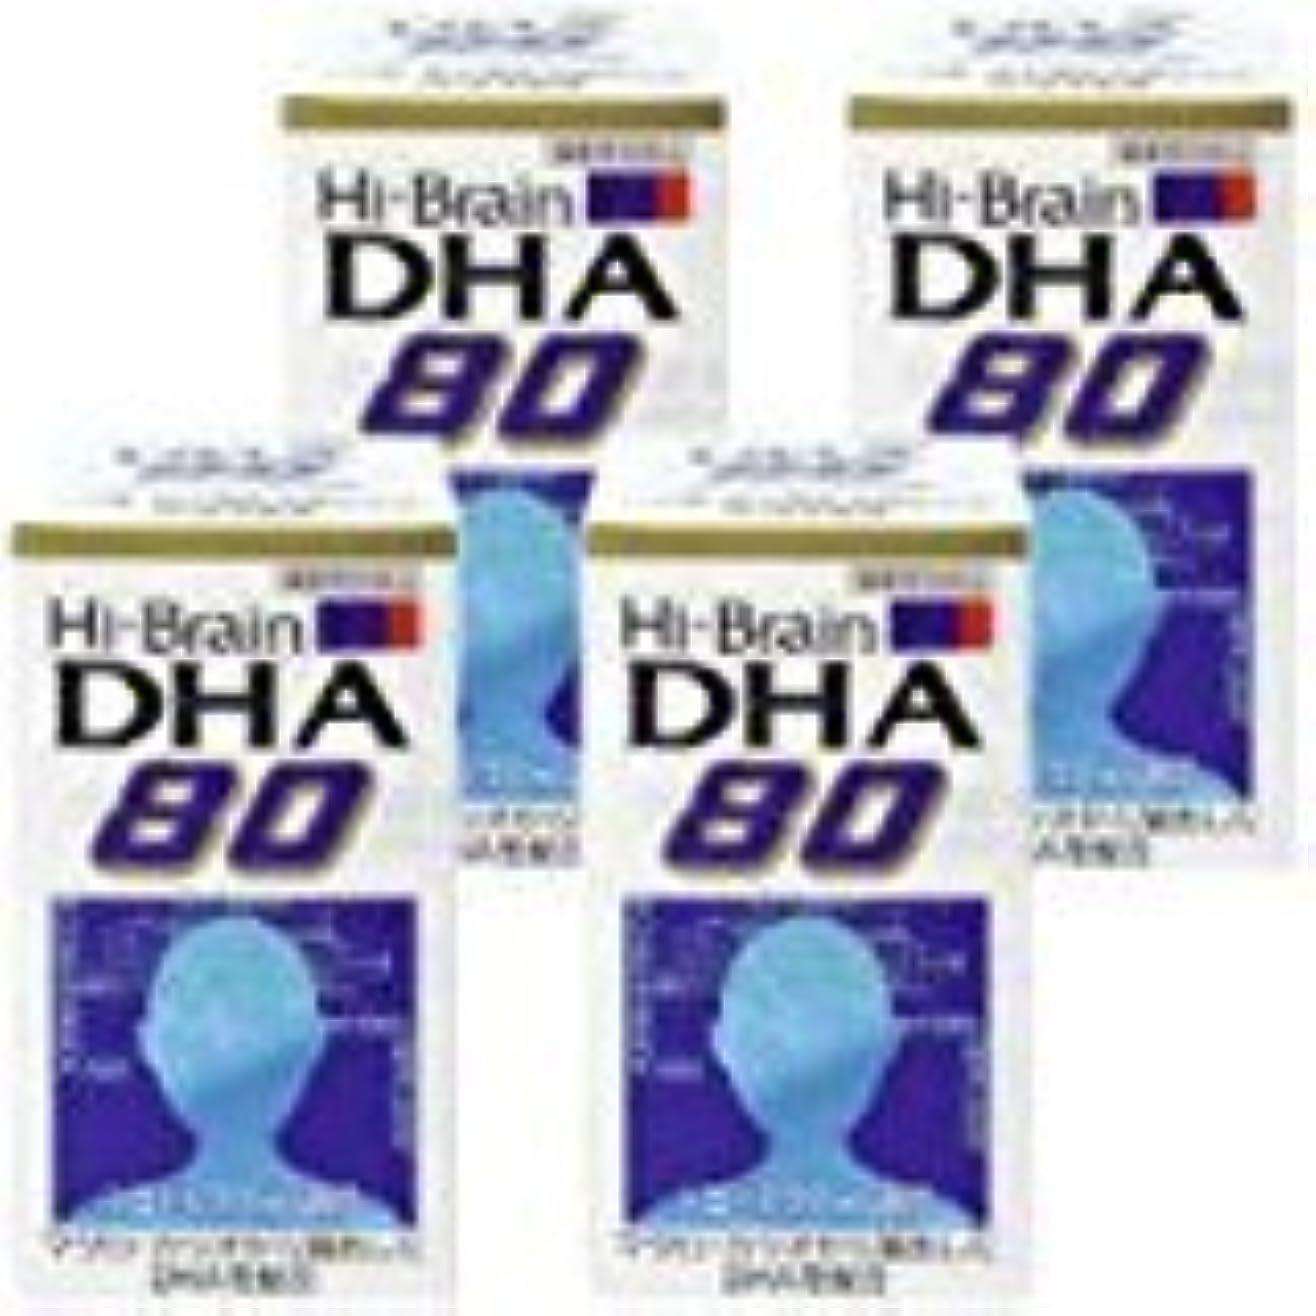 エントリかる伝染性ハイブレーンDHA80 4個